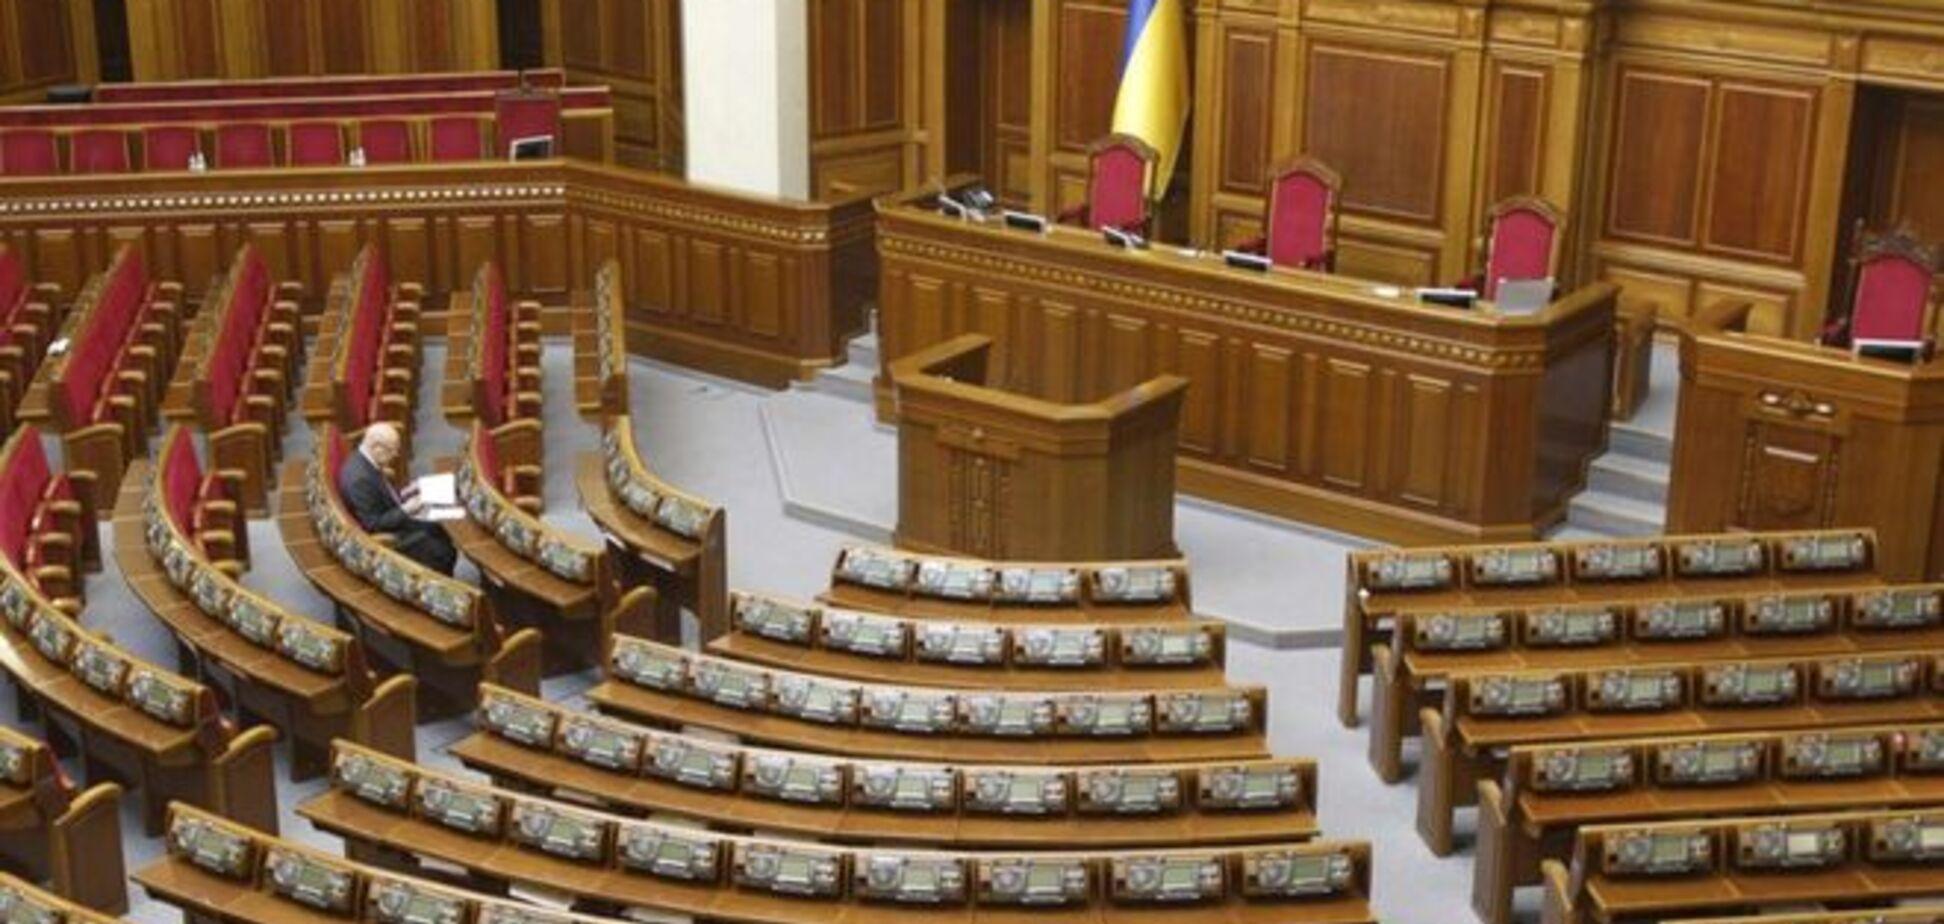 Плани Ради на четвер: Конституція, нові тарифи та декларації чиновників